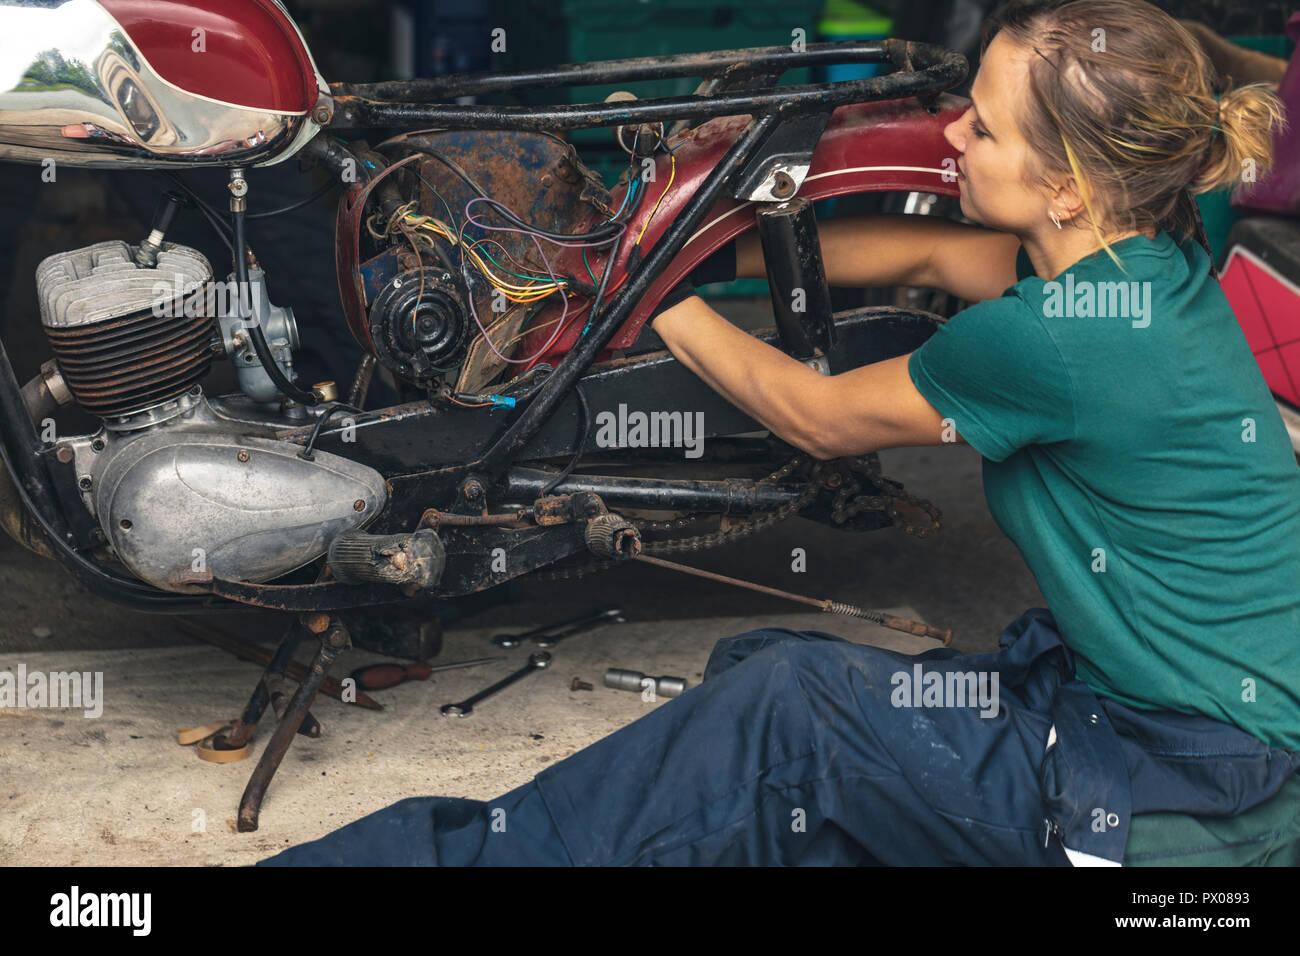 Female mechanic repairing motorbike in garage Stock Photo